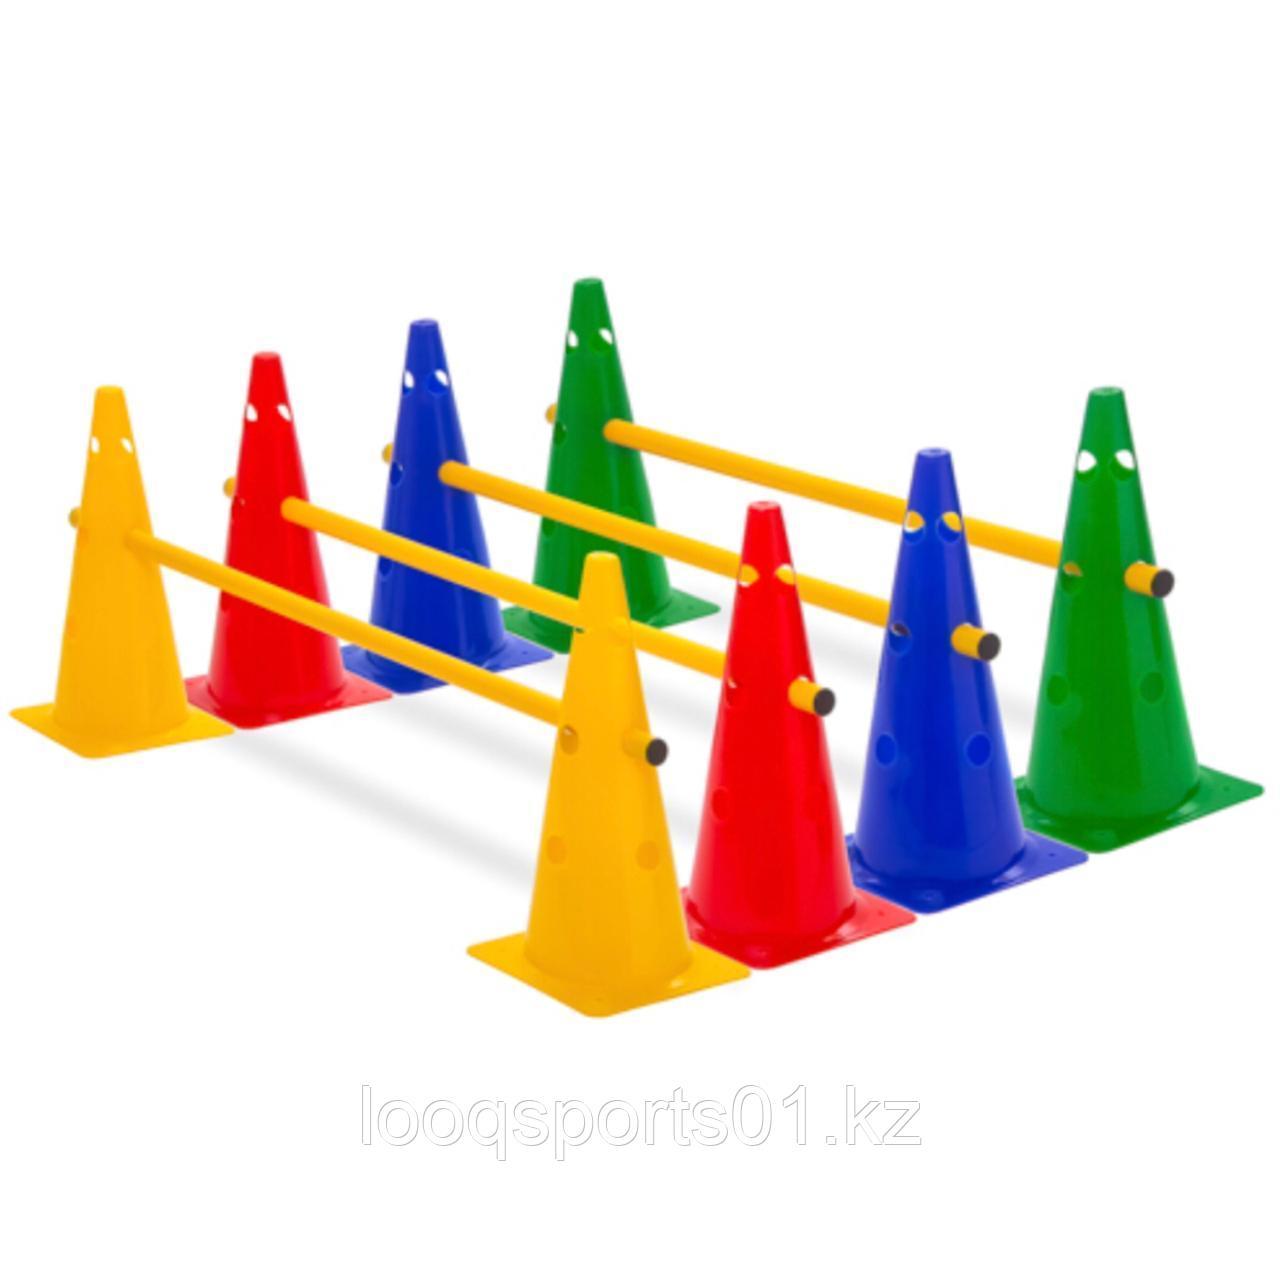 Фишки конус для разметки поля спортивная тренировочные